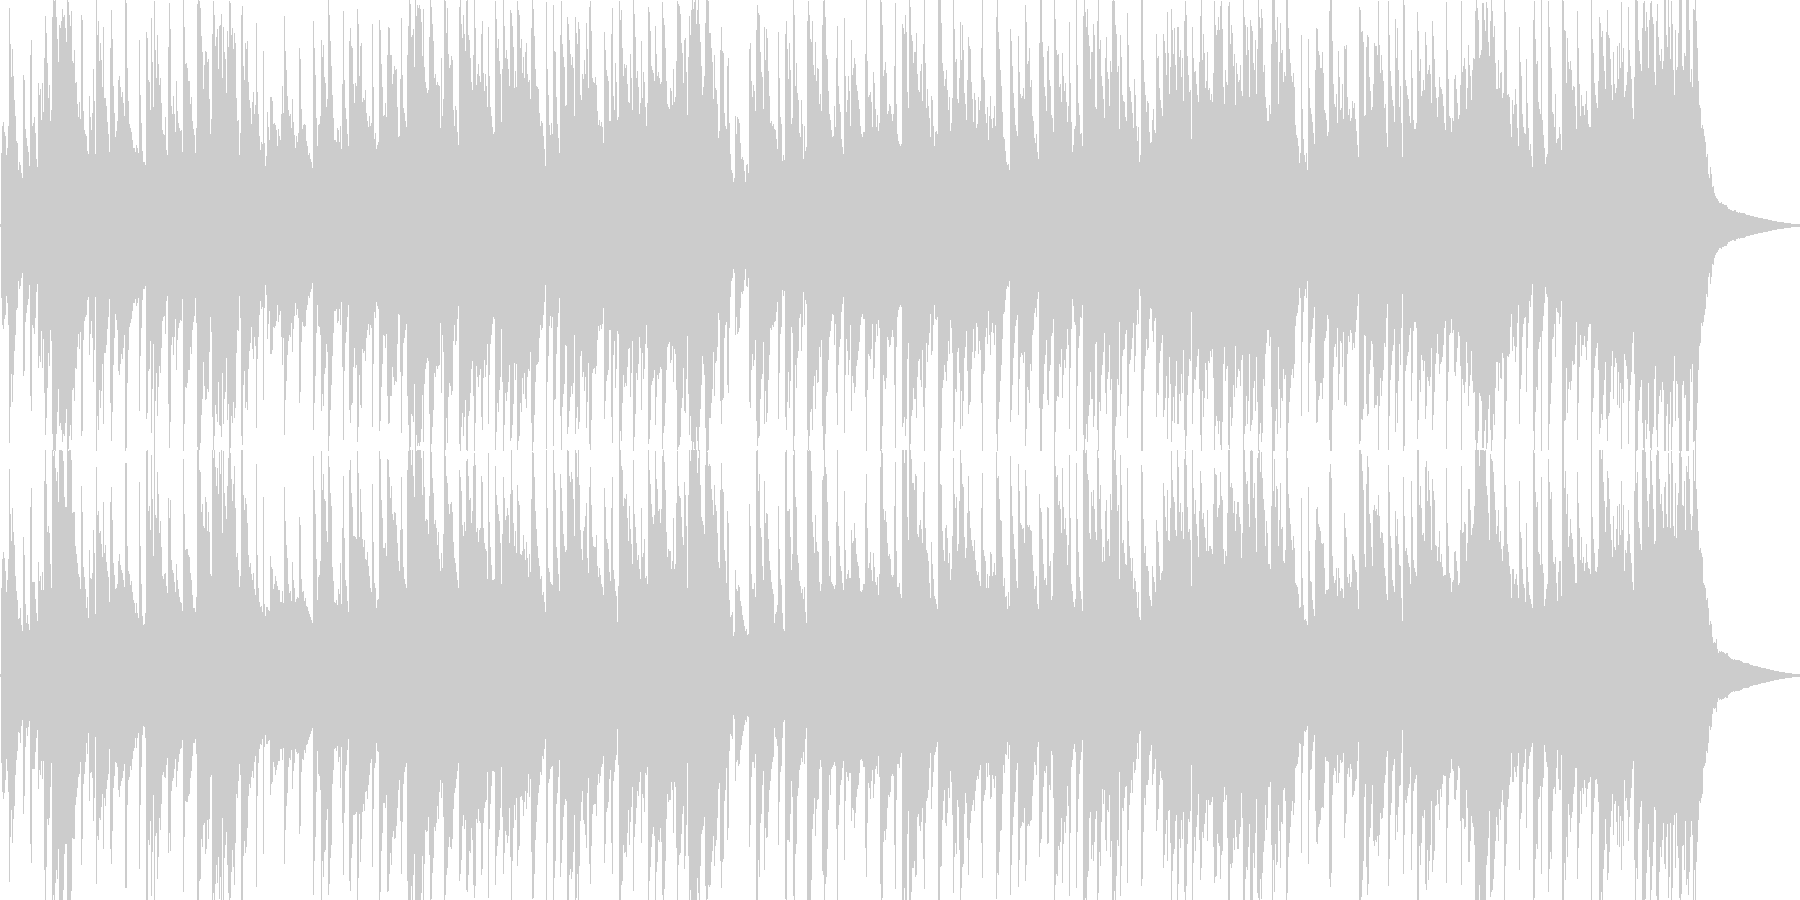 ナイロンギターが奏でるロックバラードの未再生の波形